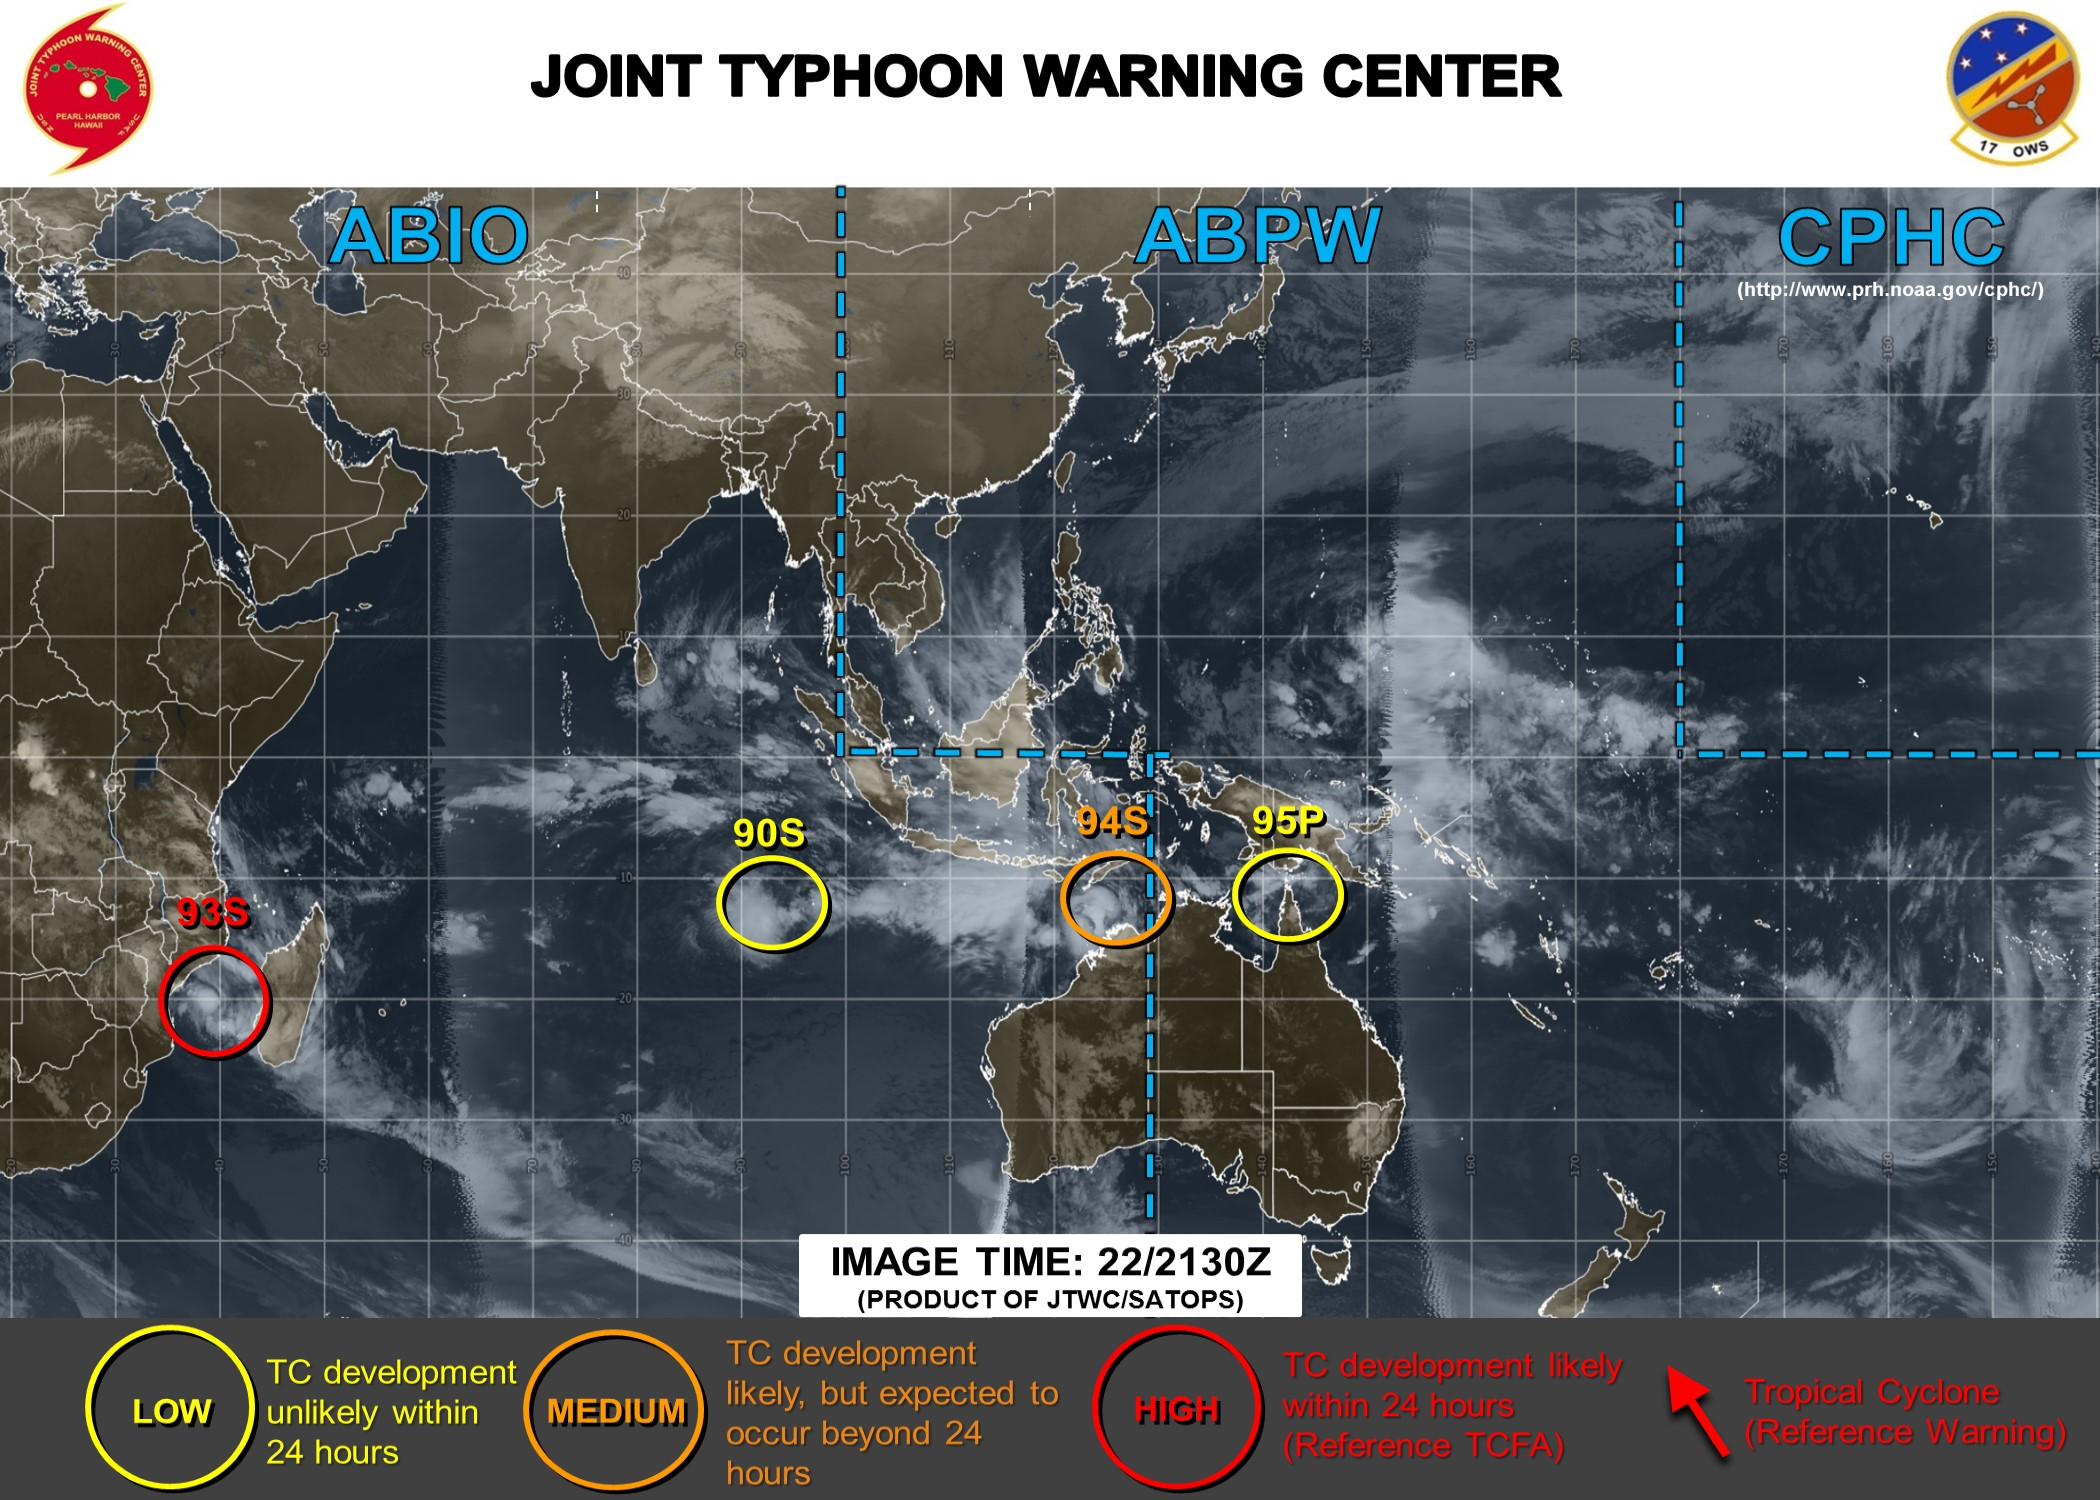 Si l'on exclut les résidus de DESMOND(10S) sur le Mozambique et la zone 90B sur le sud du Golfe du Bengale mais qui n'est pas sur cette carte pour le public, 4 systèmes sont sous surveillance. JTWC